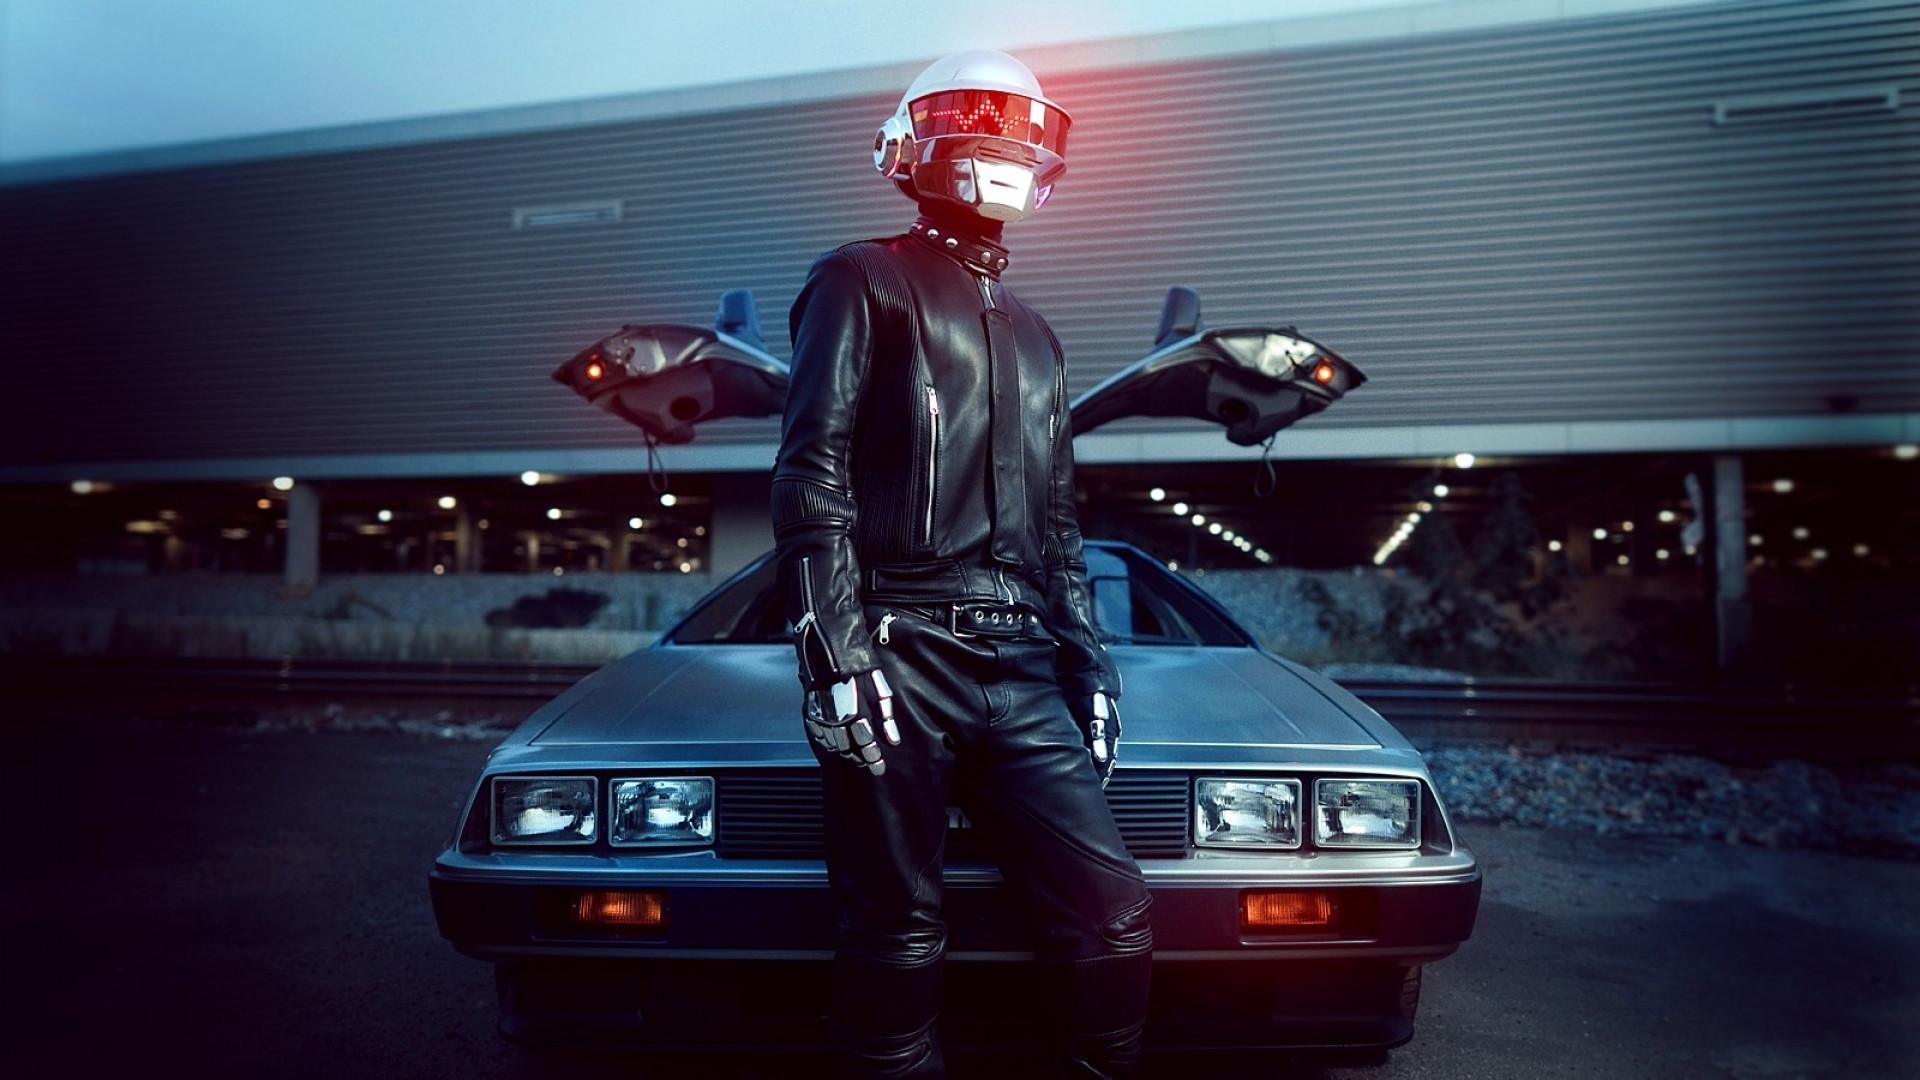 Daft Punk Helmet DeLorean Car Desktop Wallpaper 1920x1080